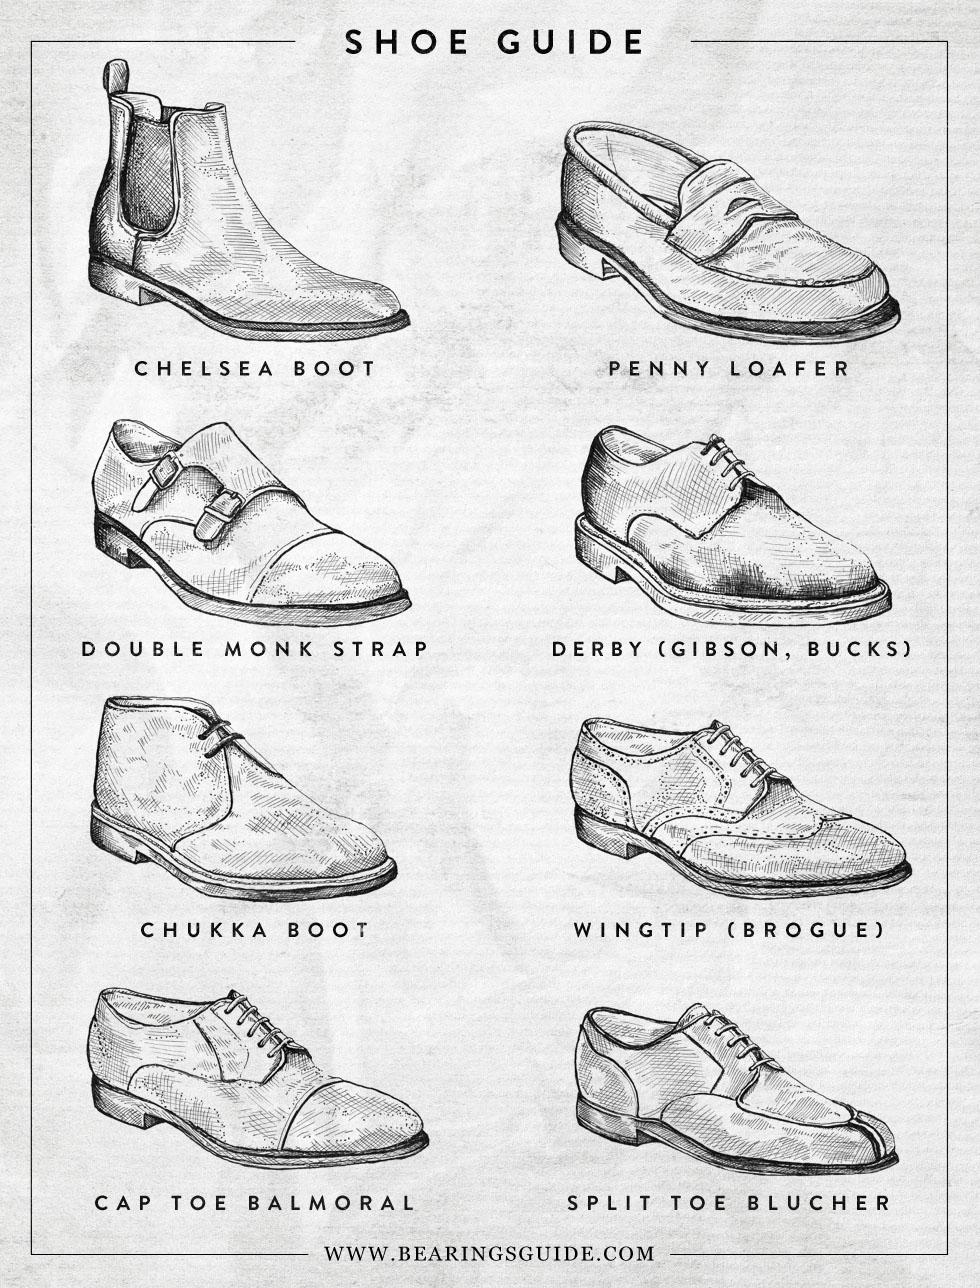 Shoe Guide - Bearings